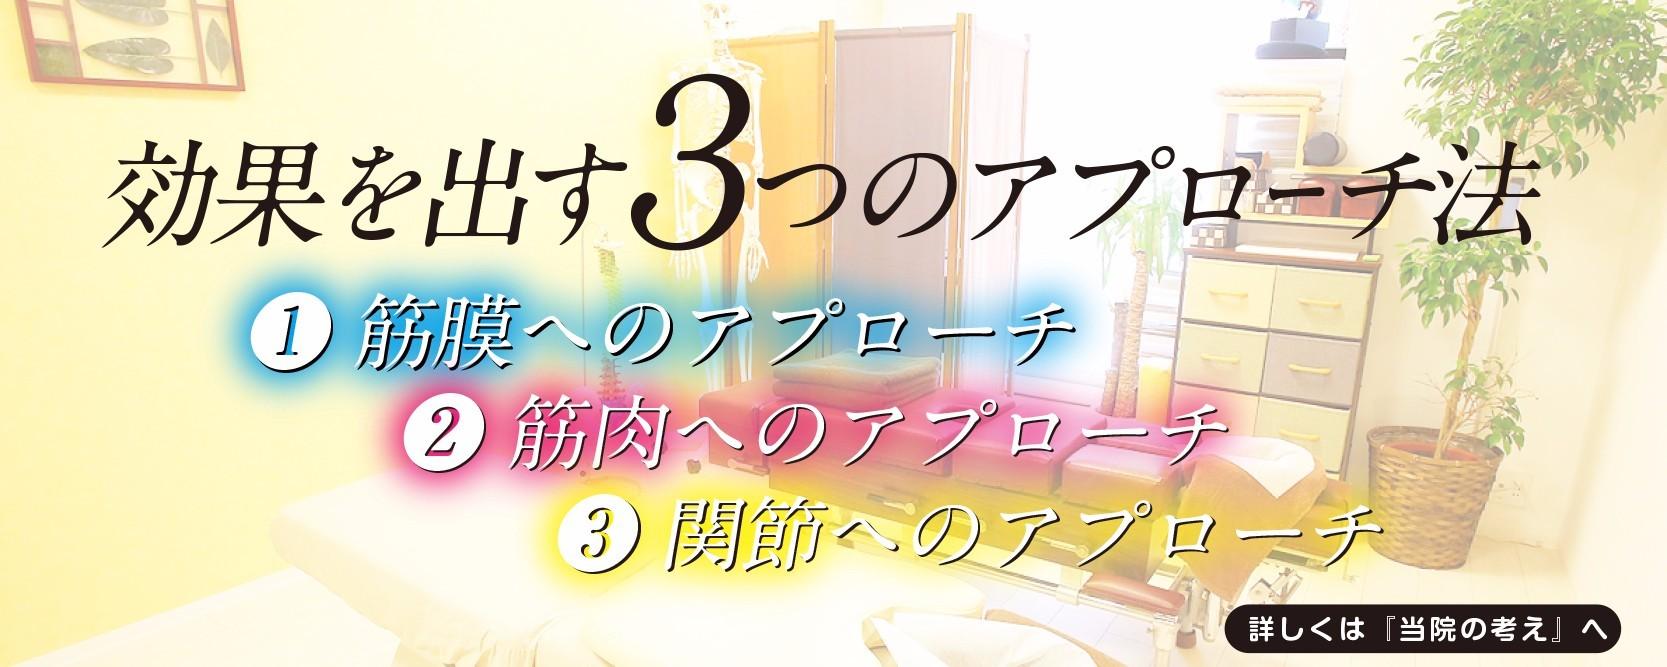 kairo1604バナー